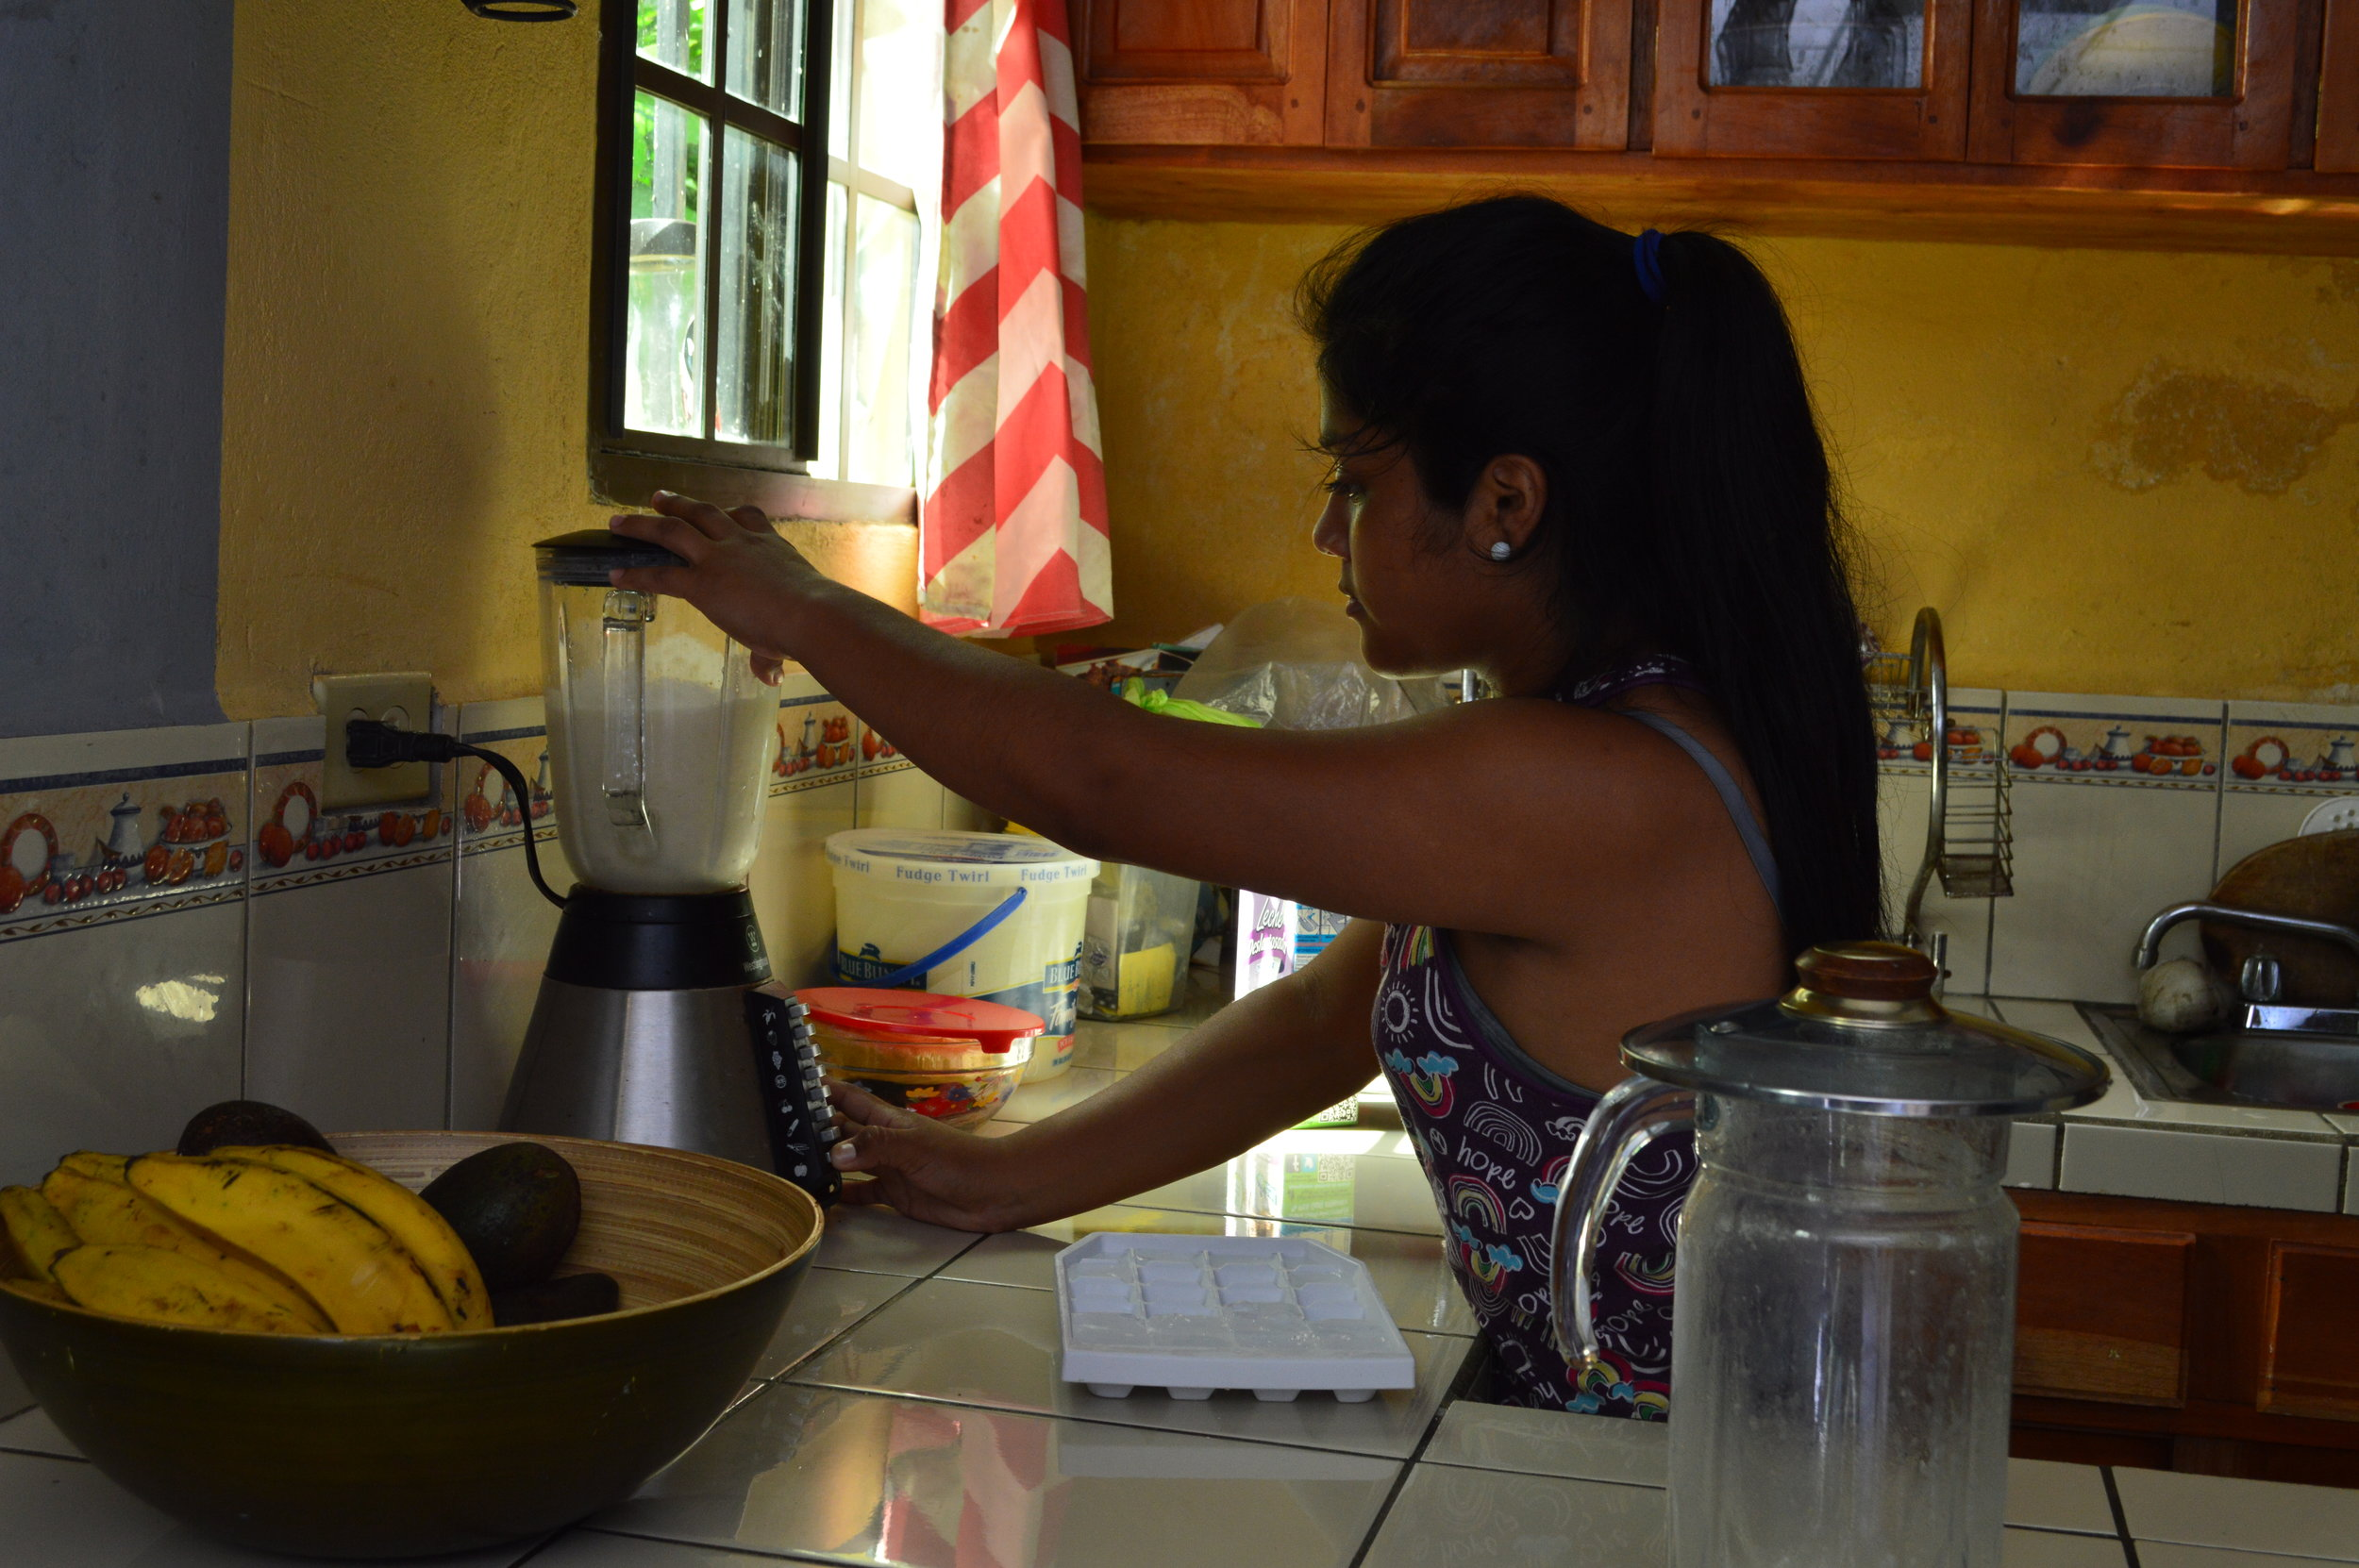 My host making a banana milkshake